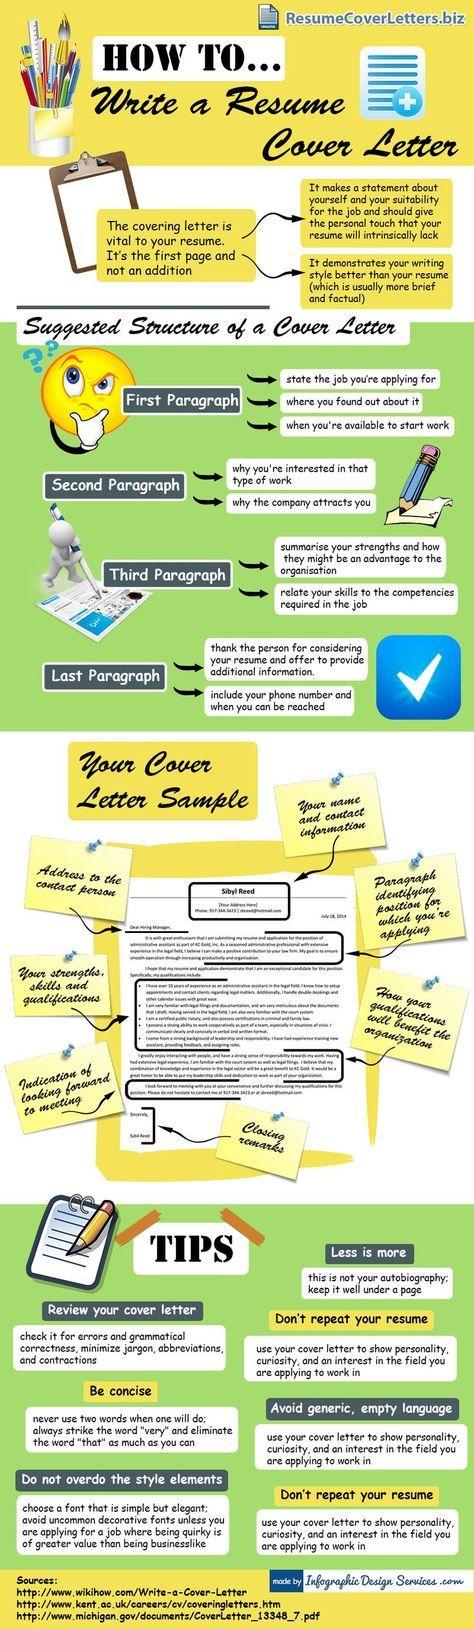 Resume Cover Letter Writing Tips Resumes Pinterest